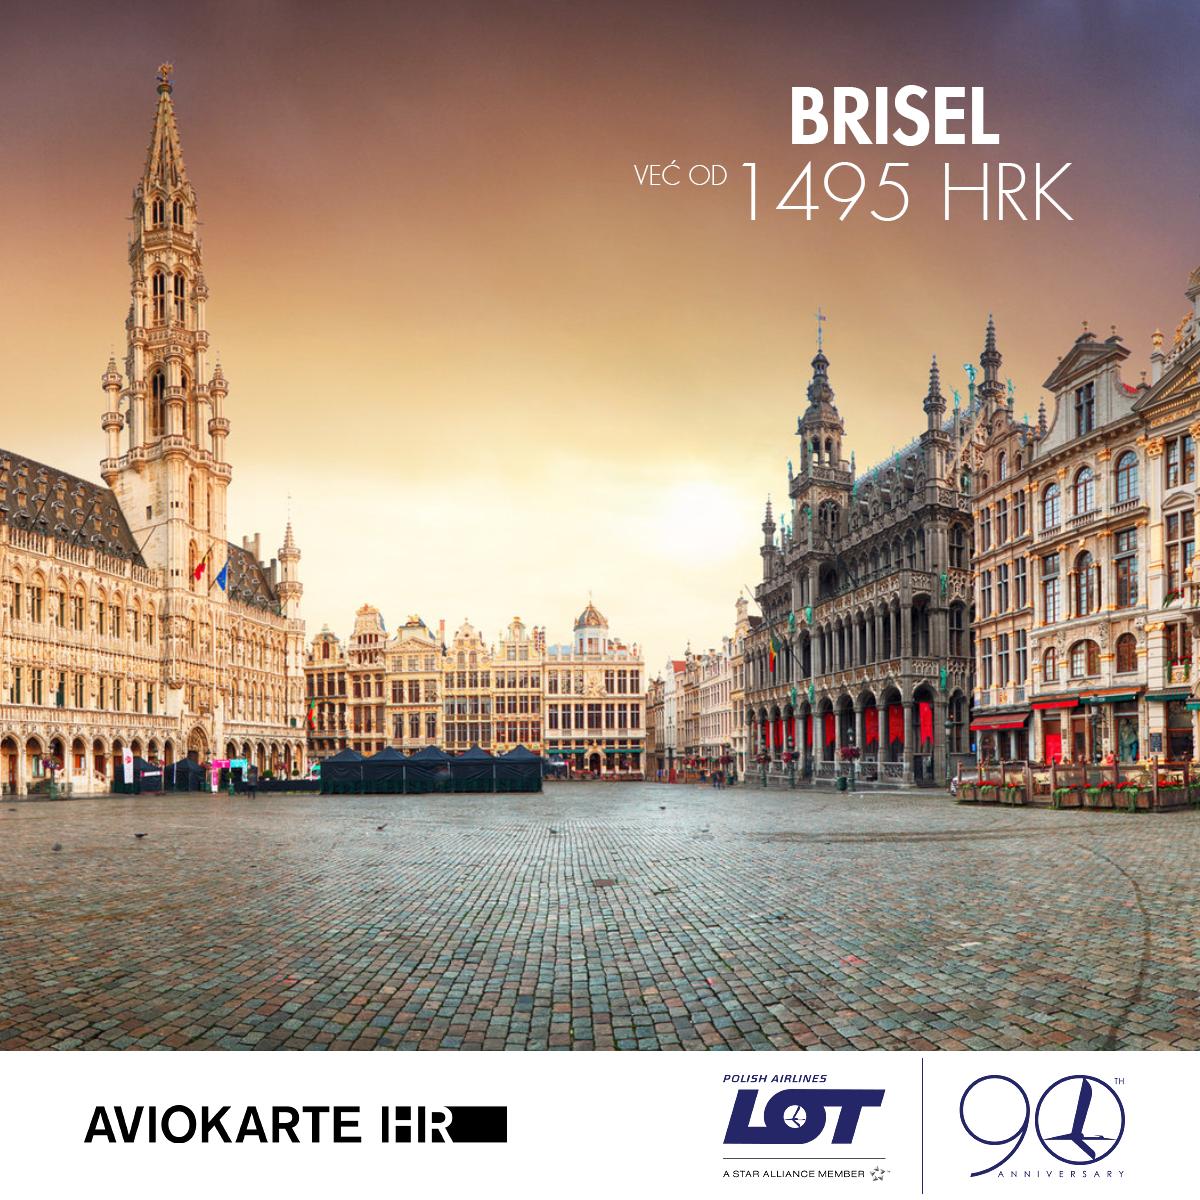 Brisel vizual, Brisel već od 1400 kuna, Brisel jeftine avio karte, putovanje za Brisel